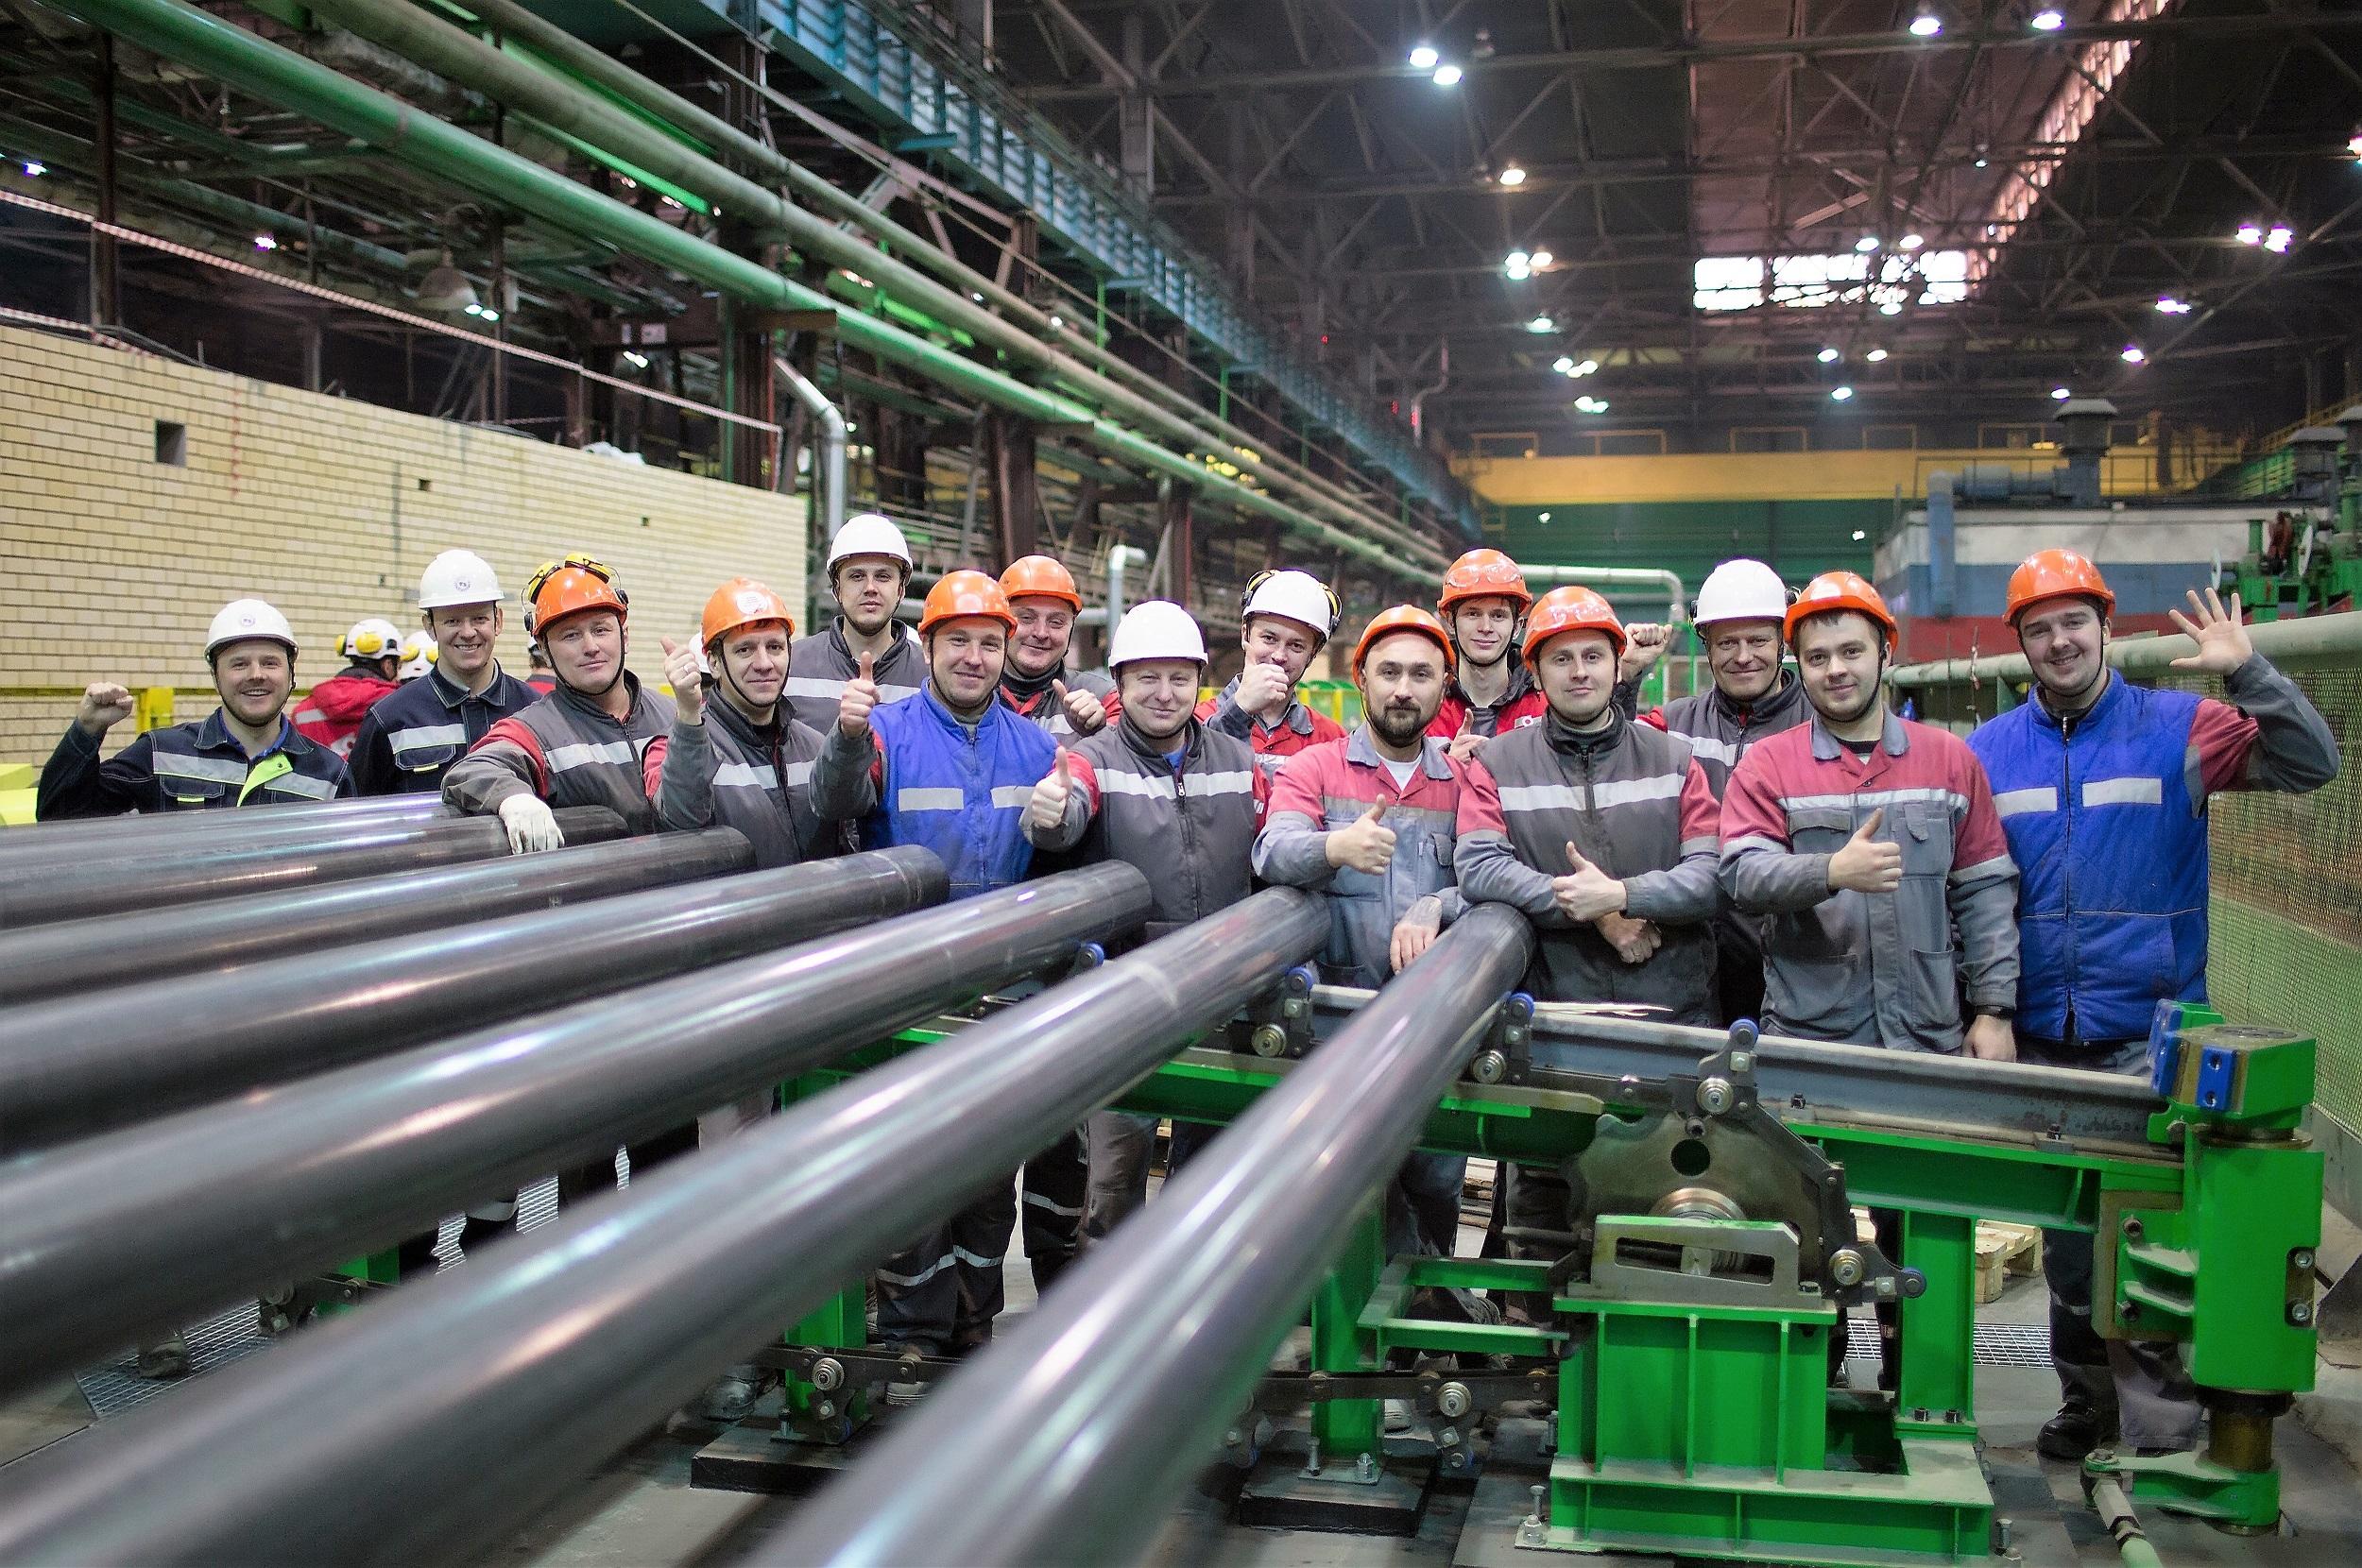 ОМК успешно изготовила трубы в рамках горячих испытаний нового стана